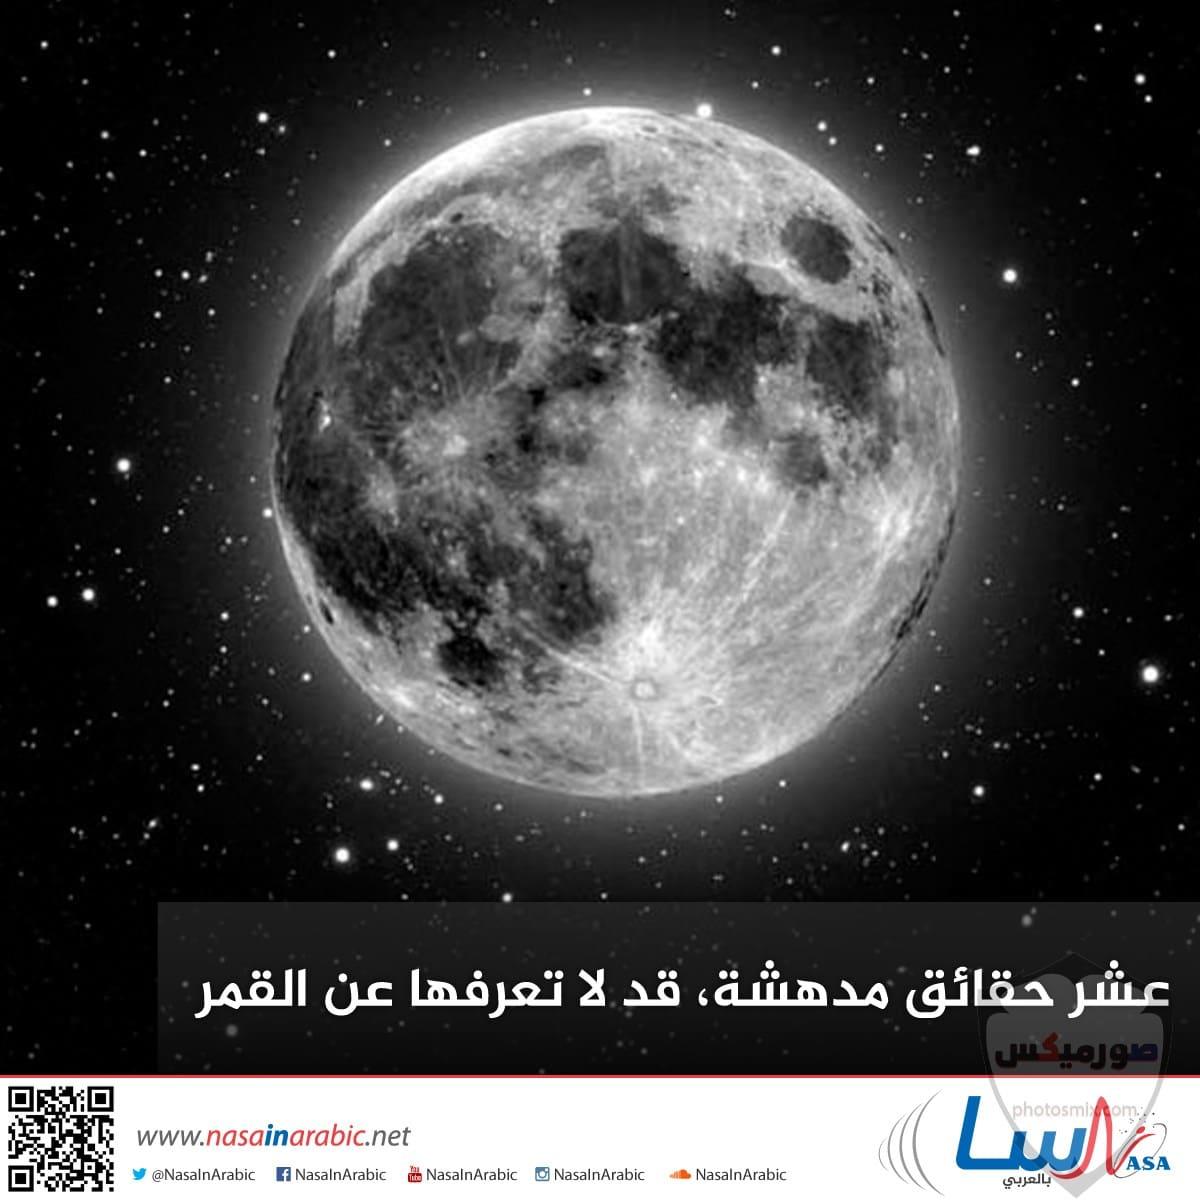 خلفيات قمر وبحر خلفيات القمر والنجوم خلفيات قمر للايفون 11